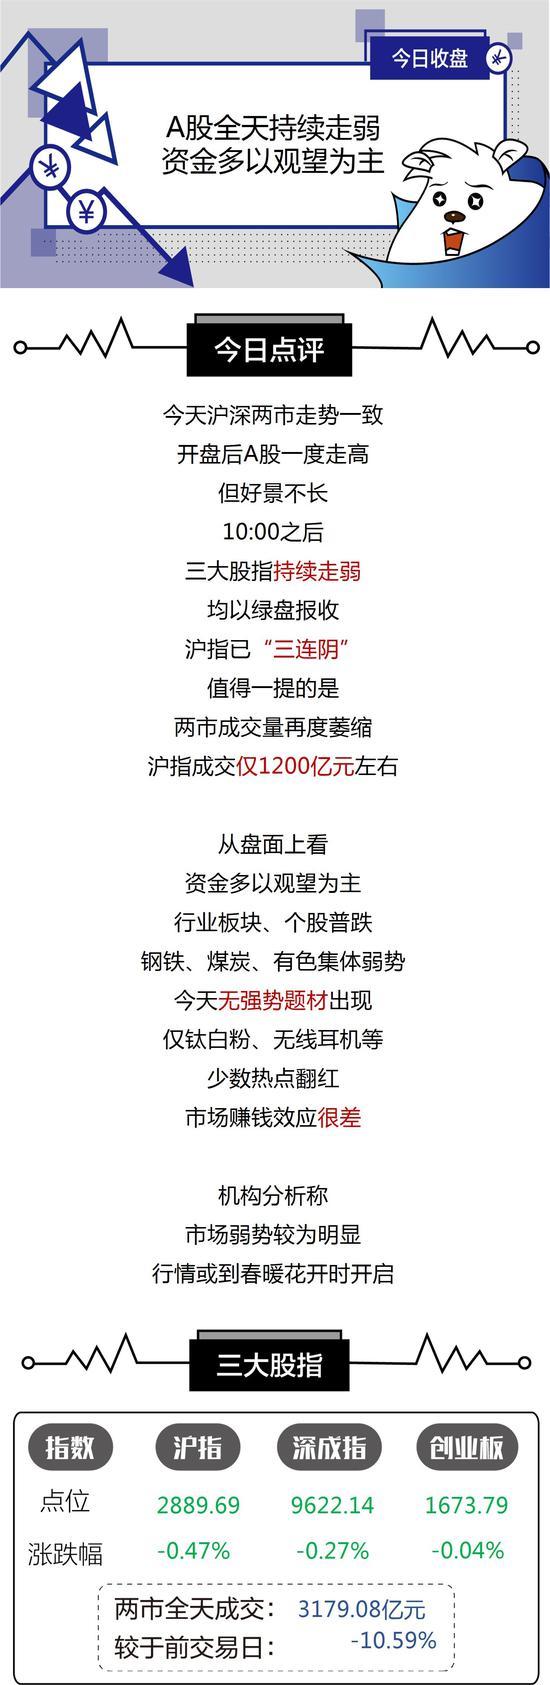 2019十大赌场排名_中国教育电视台《长安书院》推出特别节目《中国答卷》